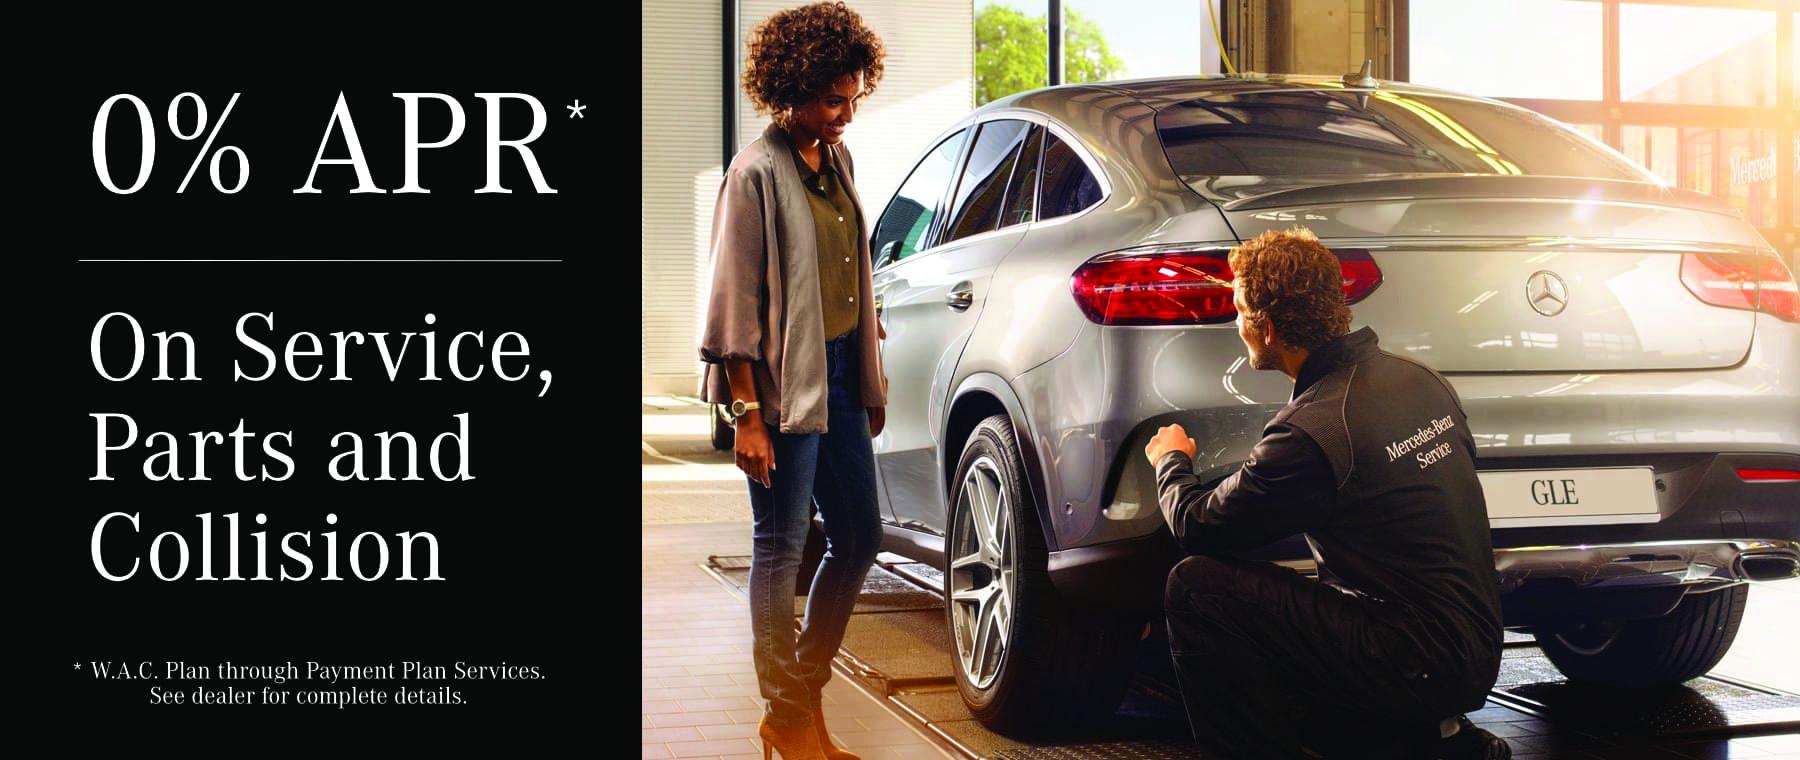 Mercedes-Benz of Knoxville: Mercedes-Benz Dealer Near Crossville